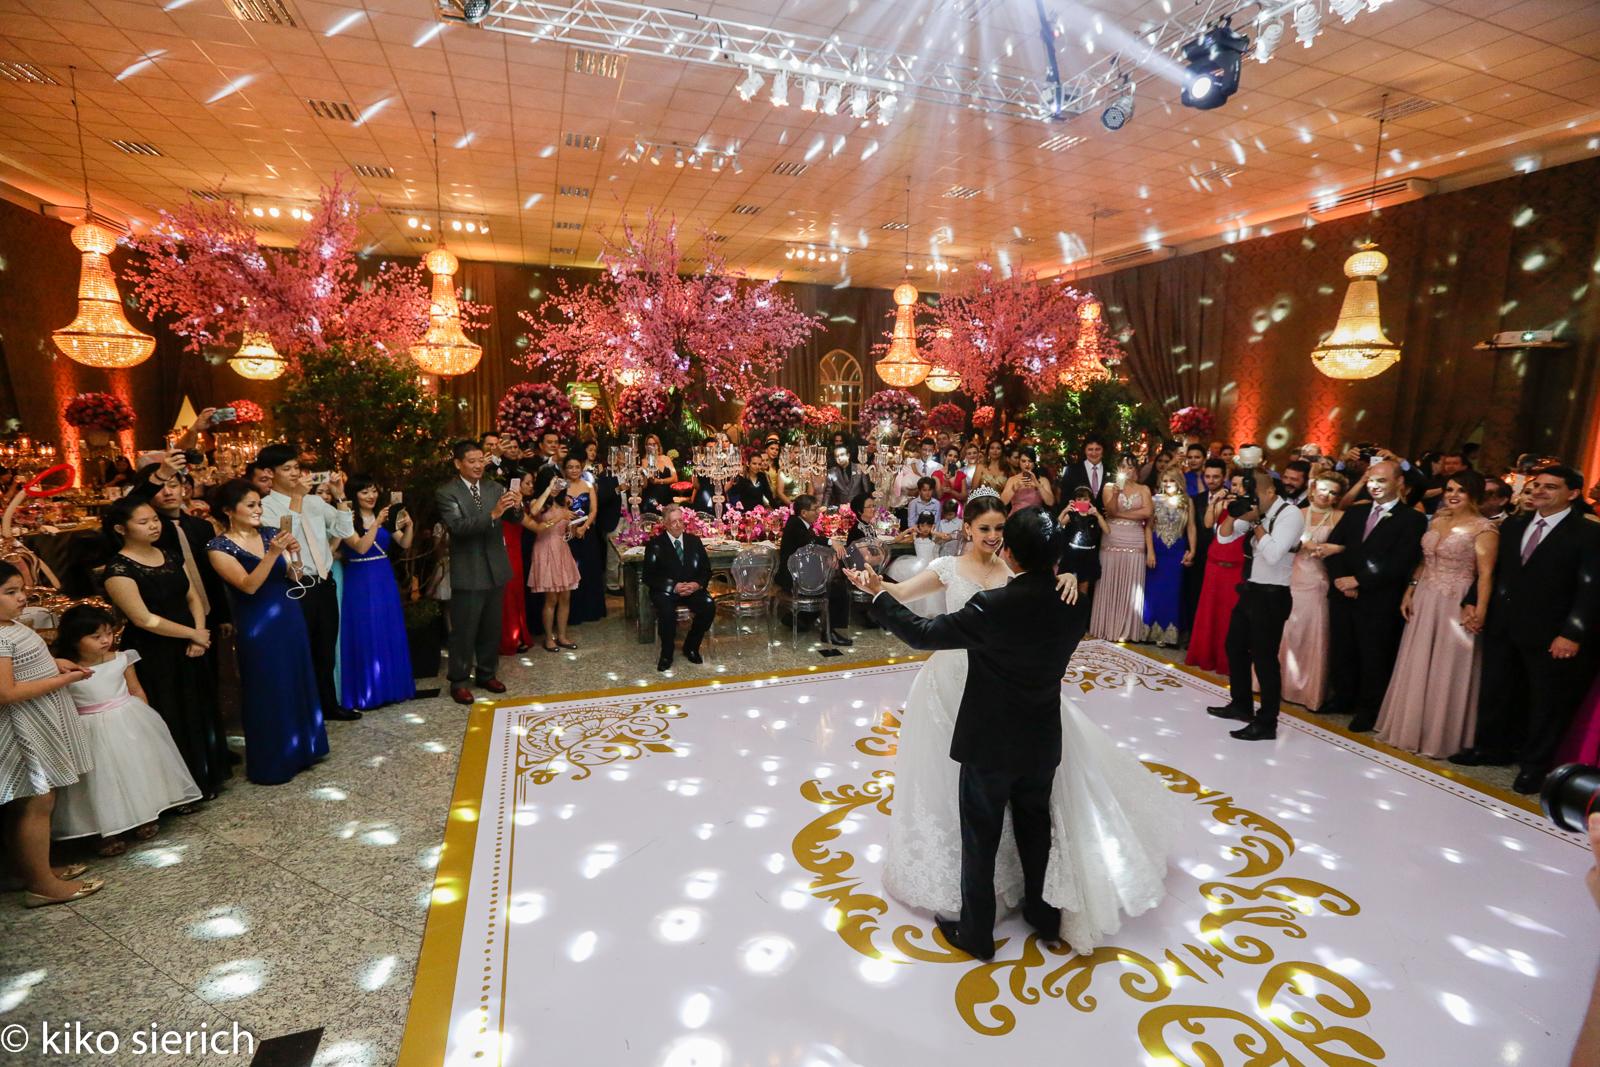 curso de assessoria e cerimonial para casamentos - valsa dos noivos